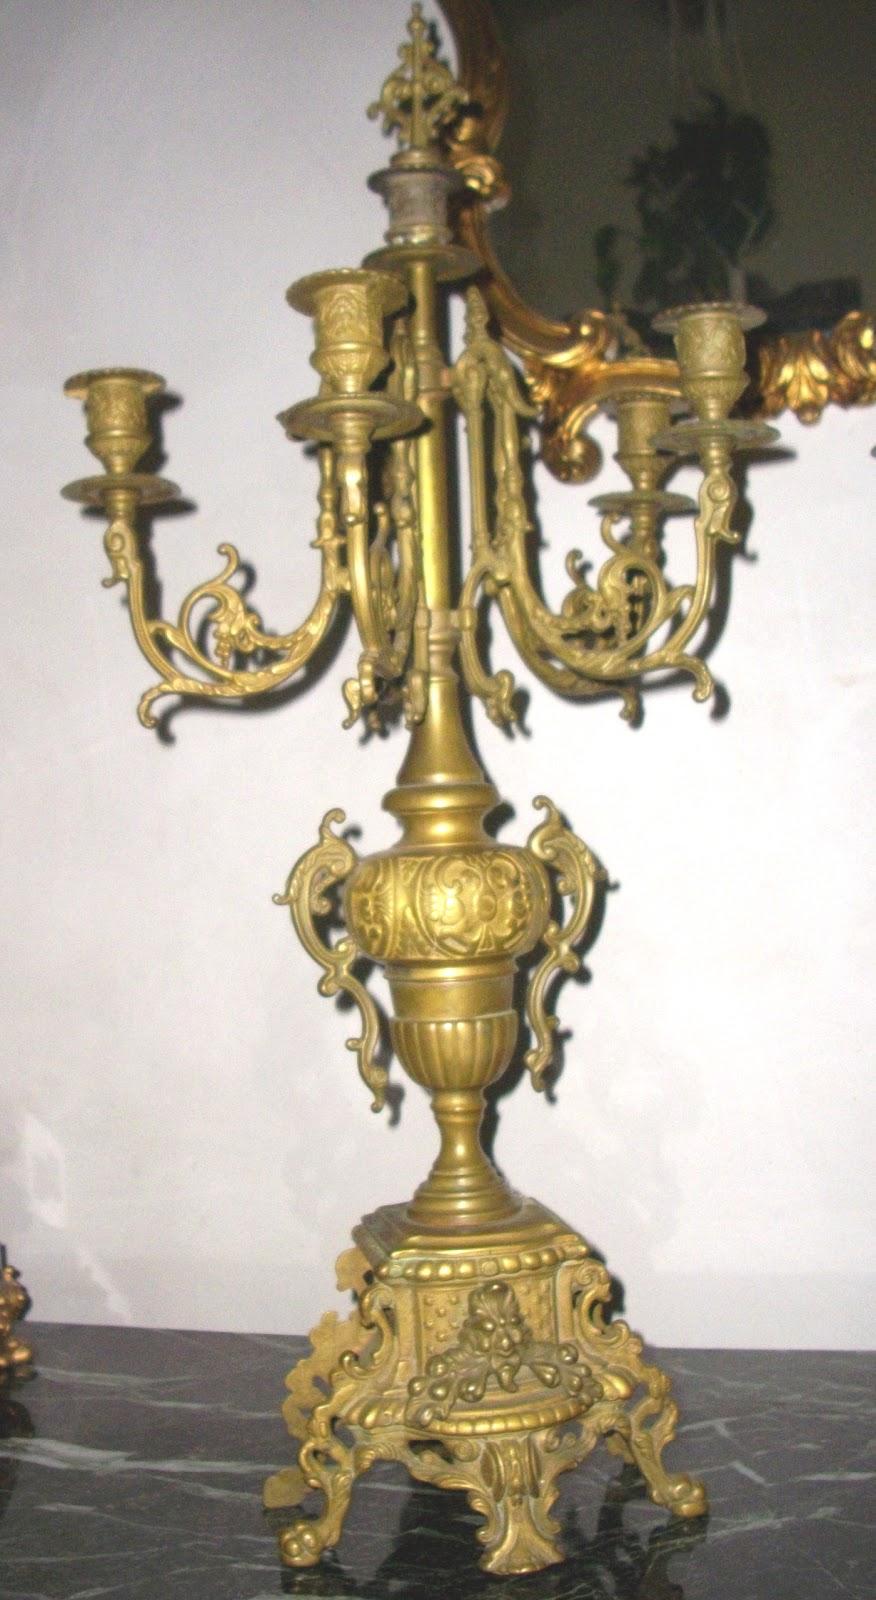 paire de chandeliers cand labres en bronze pour pendule cartel ancien xixeme. Black Bedroom Furniture Sets. Home Design Ideas